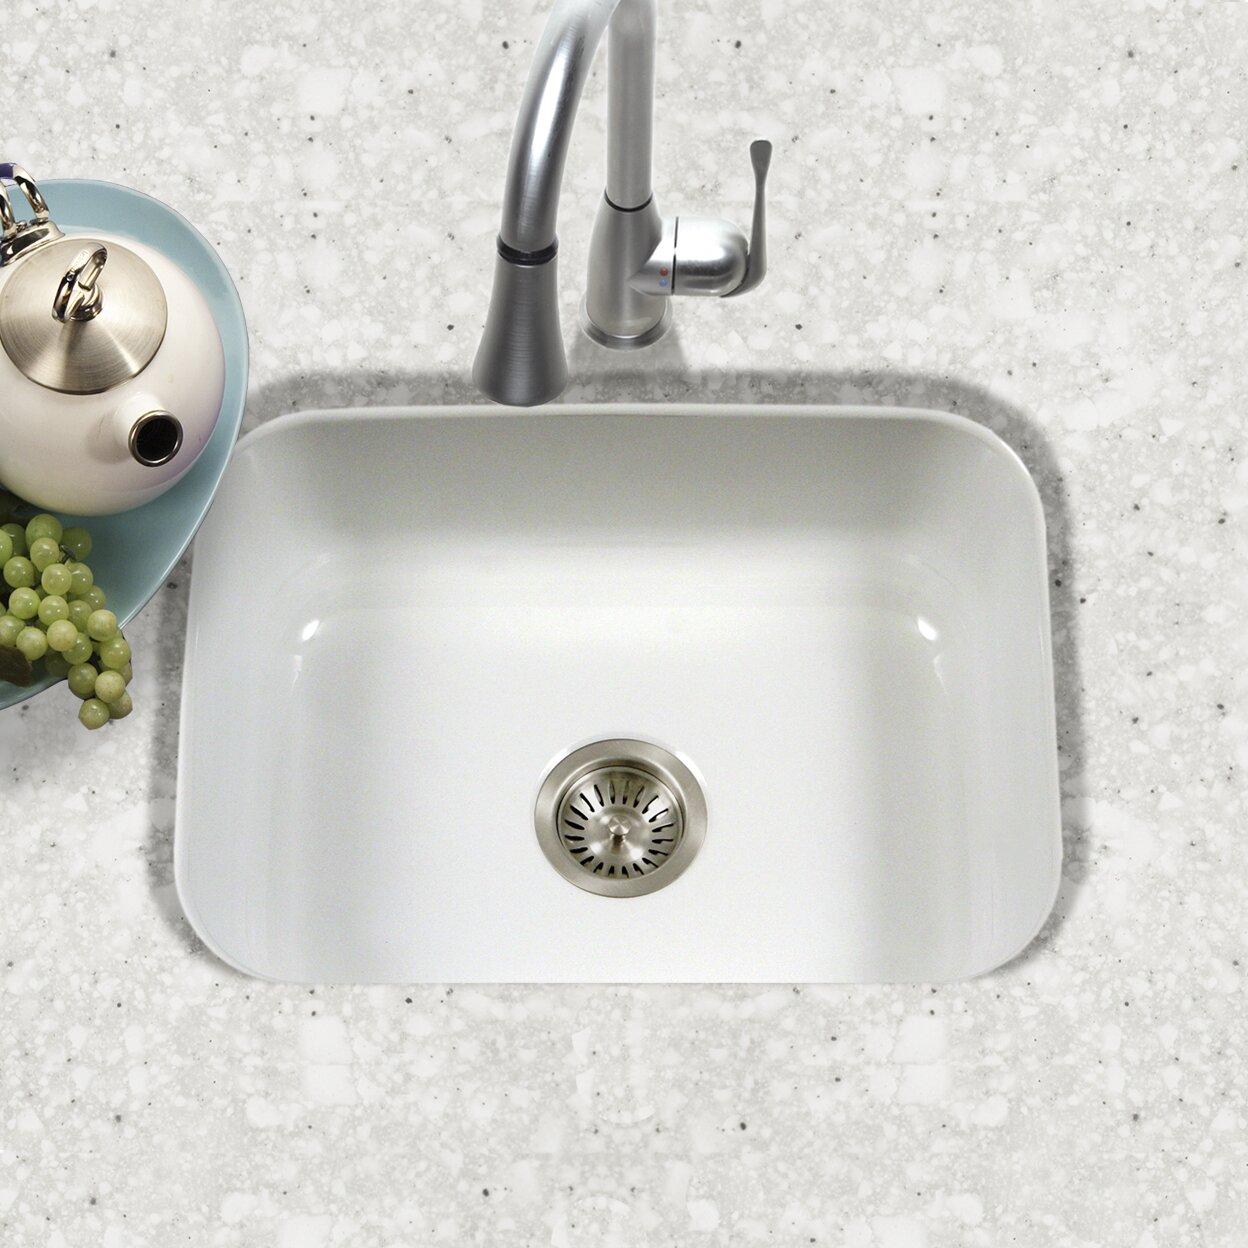 porcela 2276 x 174 porcelain enamel steel undermount single kitchen sink - Enamel Kitchen Sink